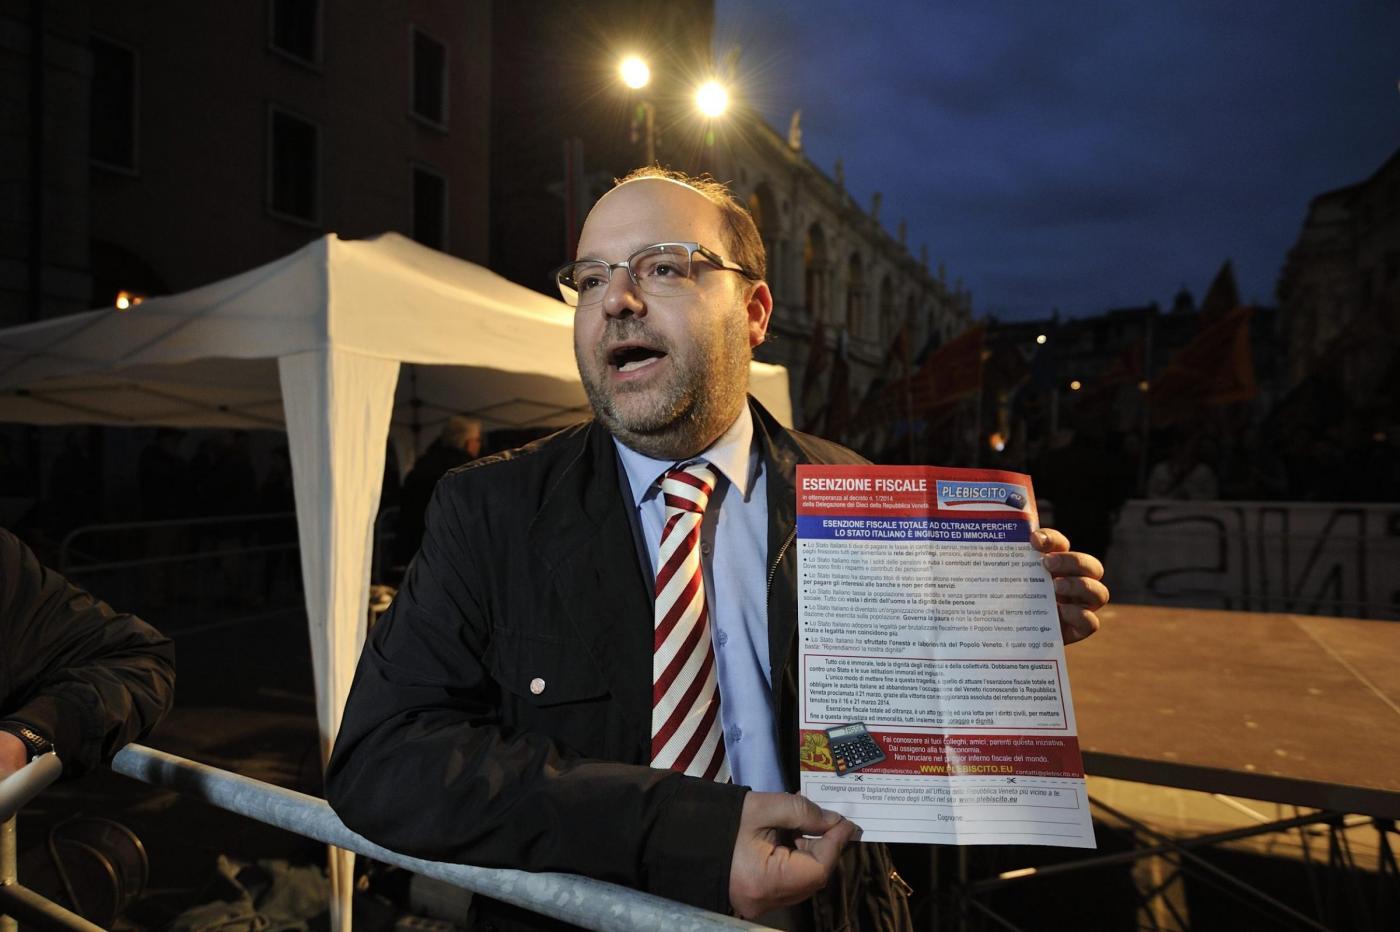 Gianluca Busato sciopero fiscale secessionisti veneti